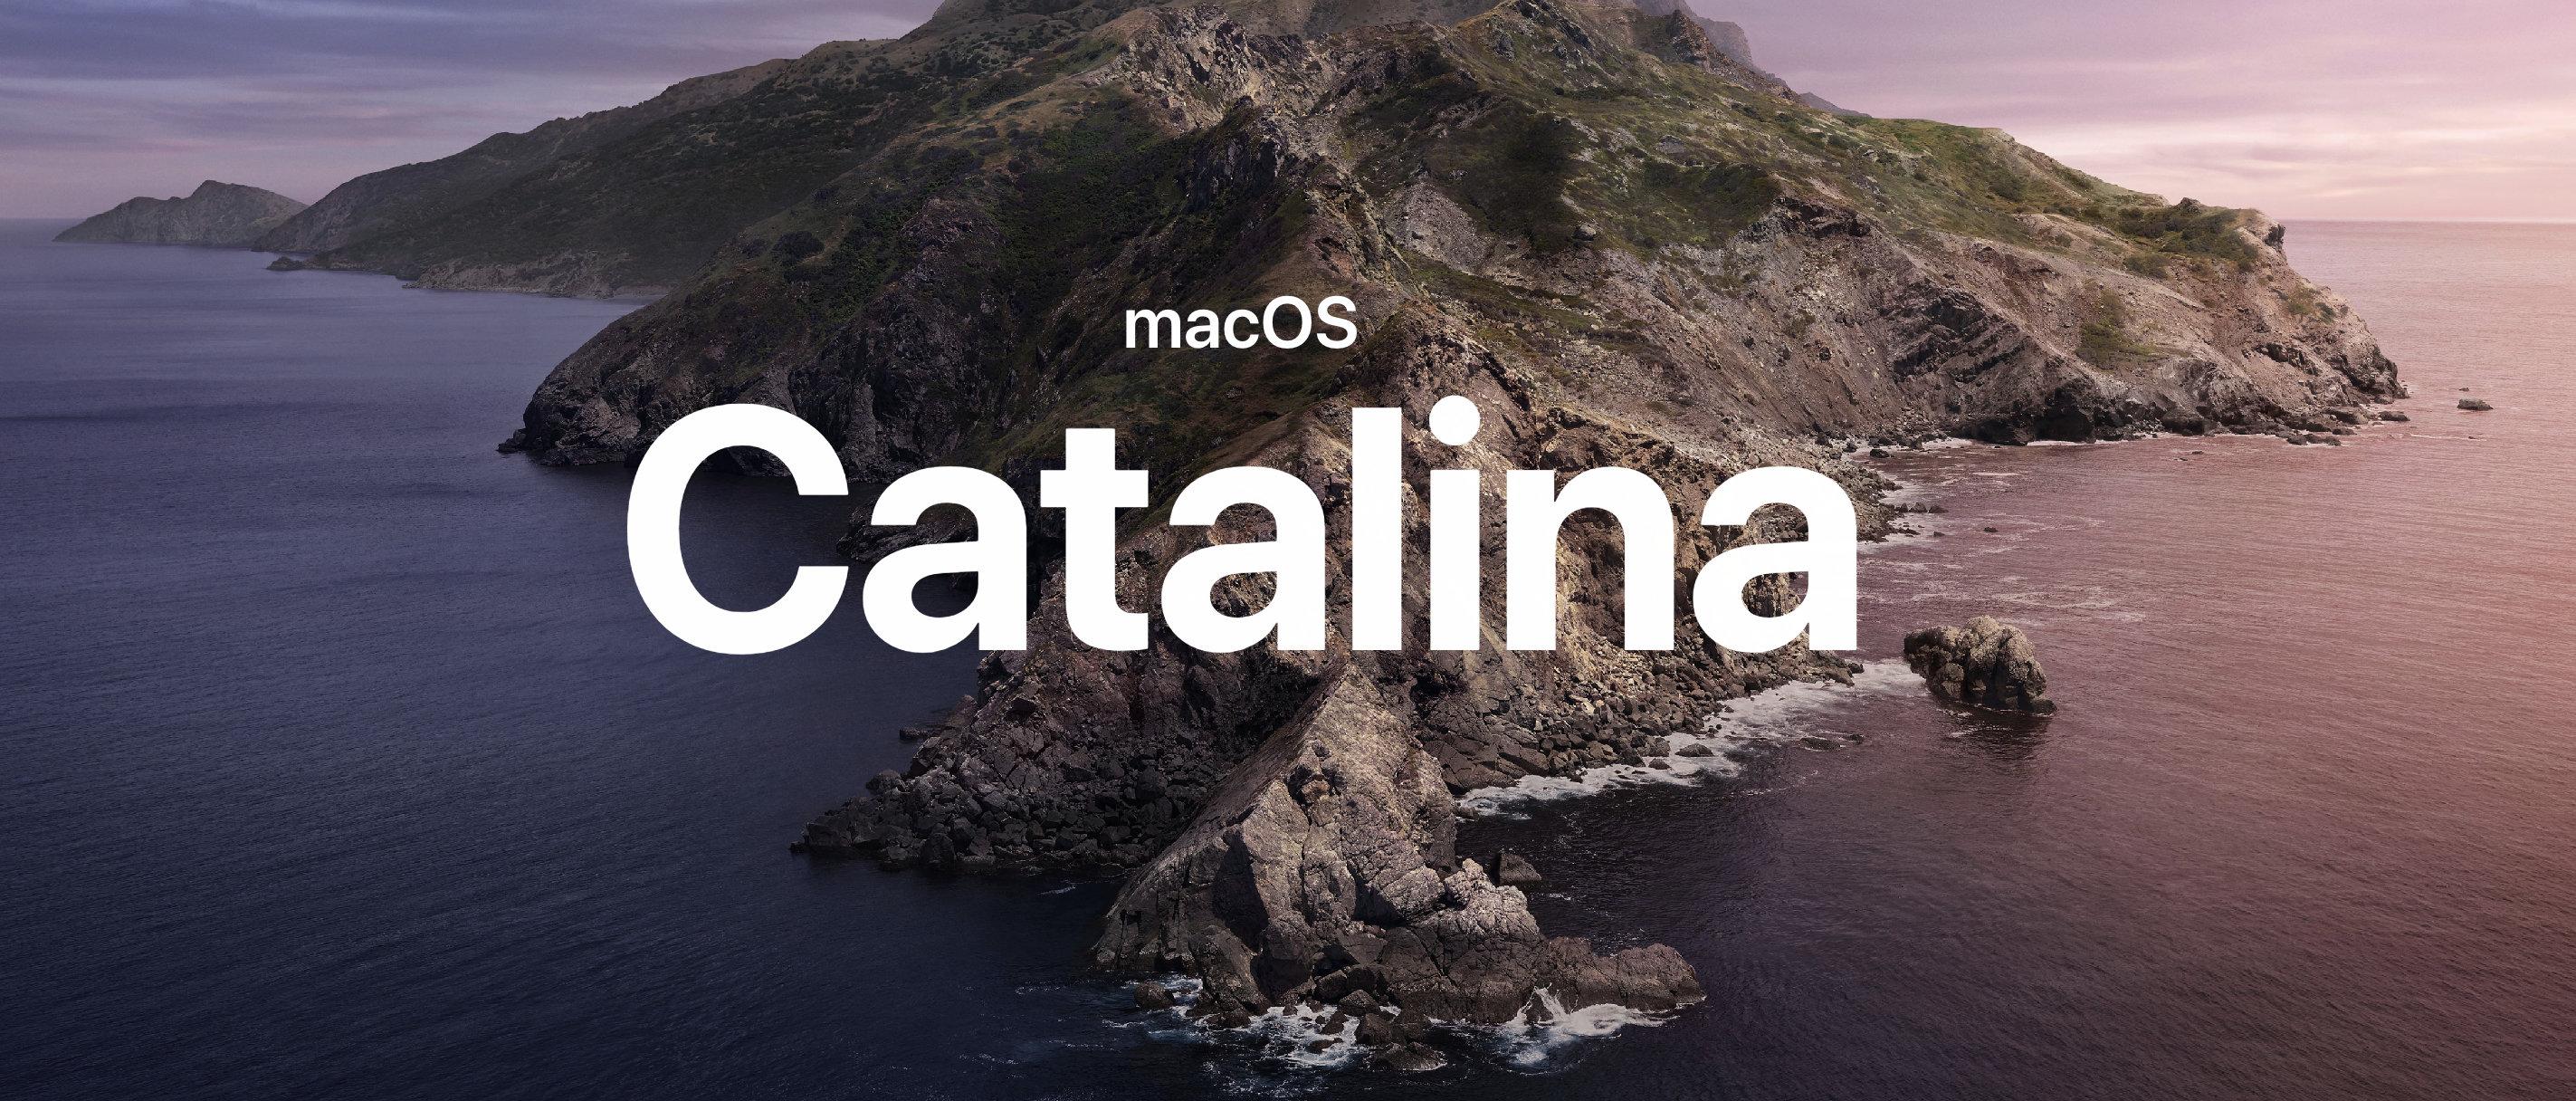 macOS 10.15 Catalina est sorti : nos 4 nouveautés préférées pour les Mac et les MacBook